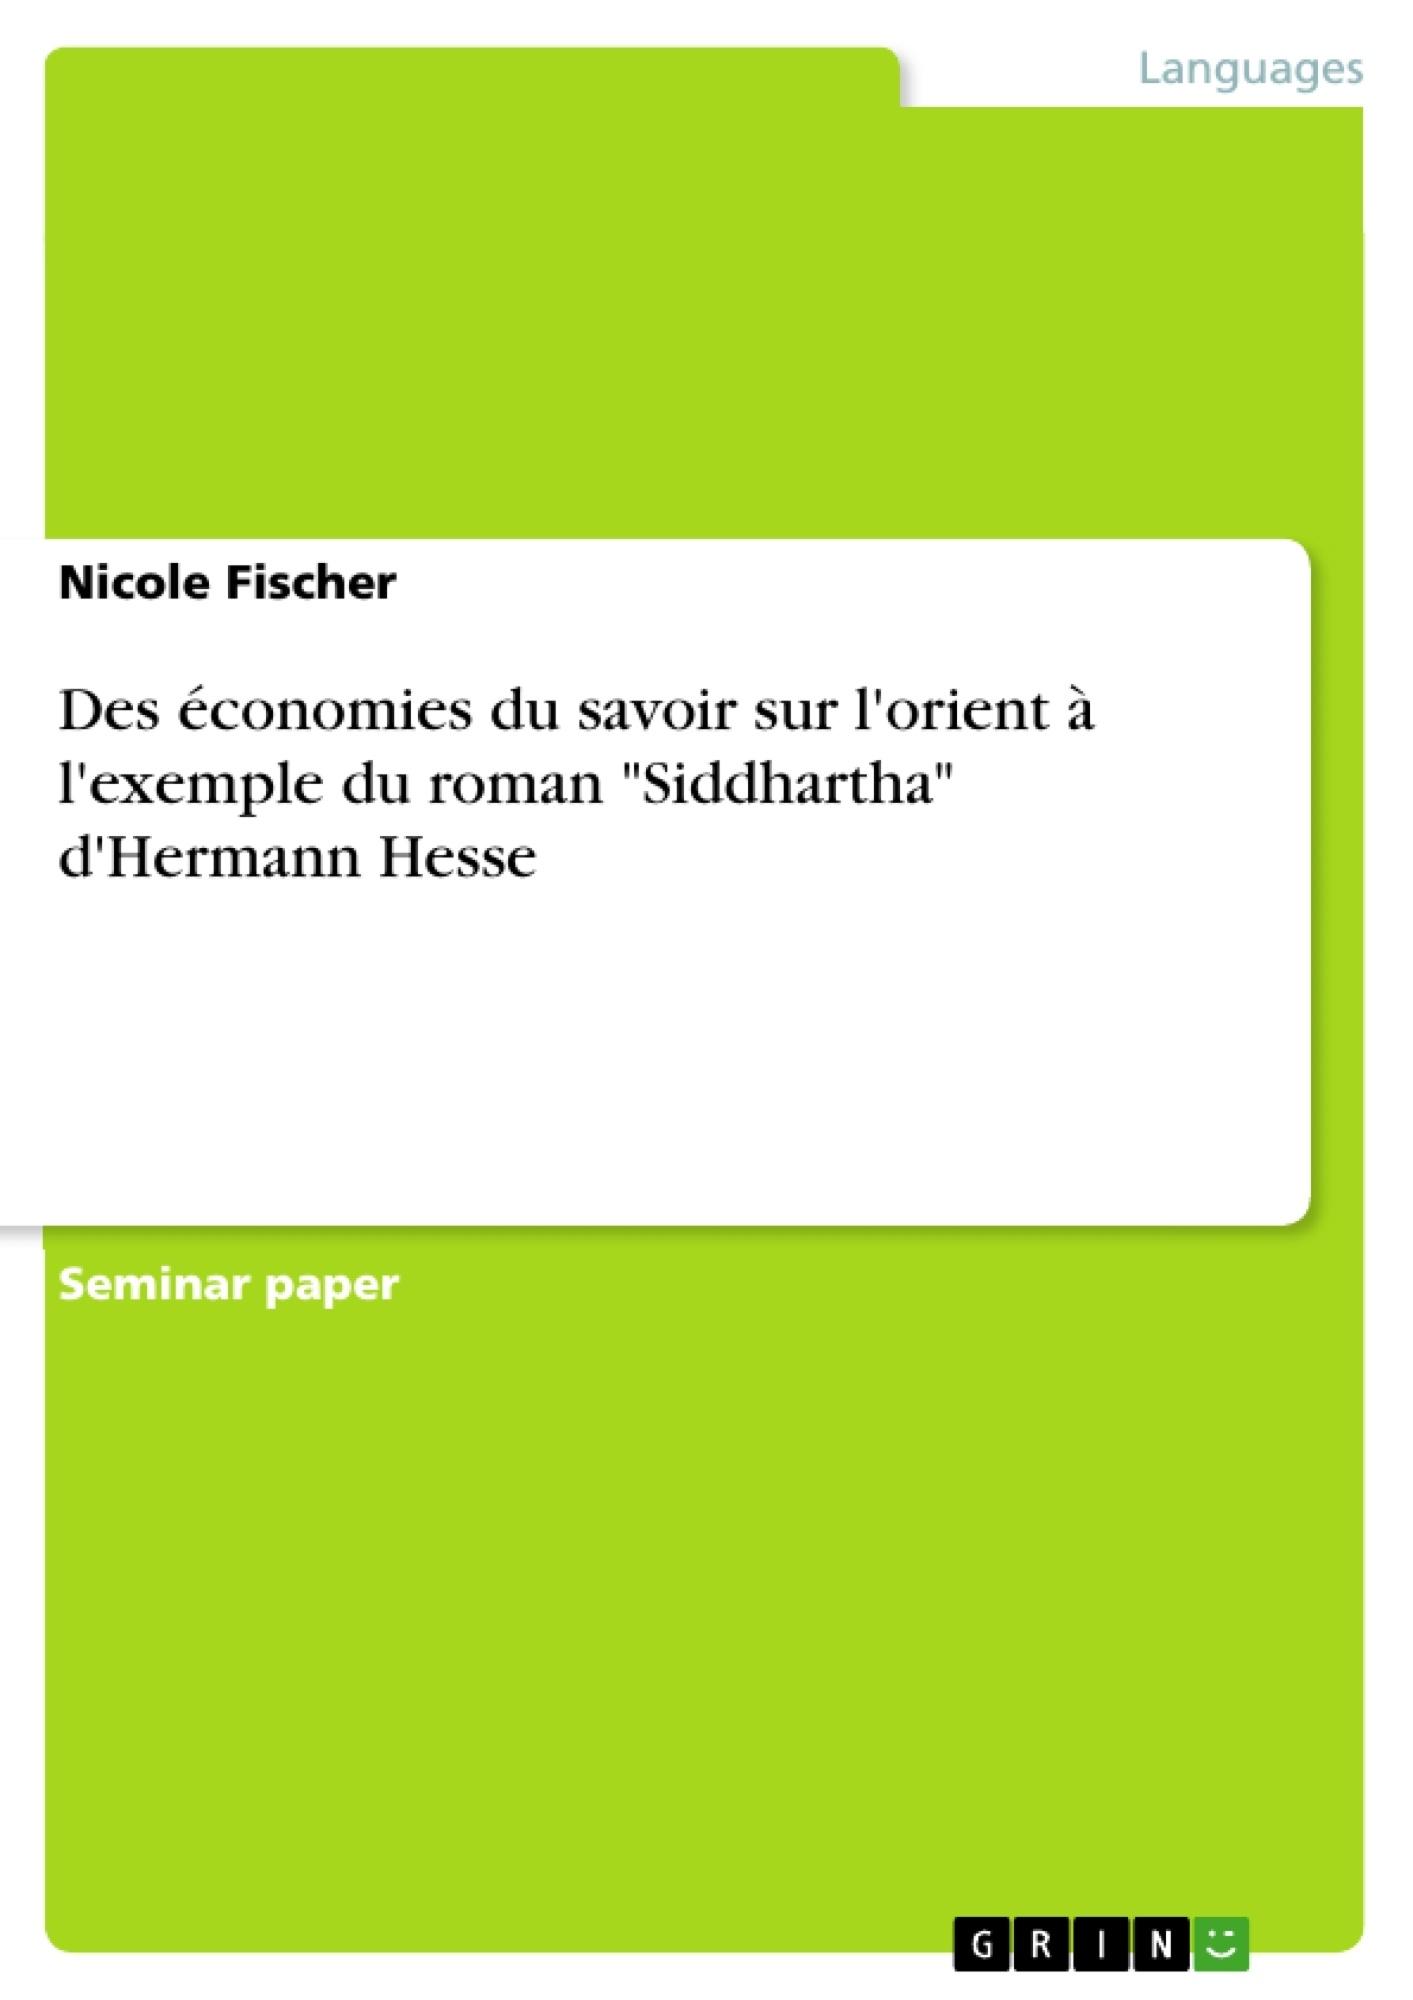 """Titre: Des économies du savoir sur l'orient à l'exemple du roman """"Siddhartha"""" d'Hermann Hesse"""